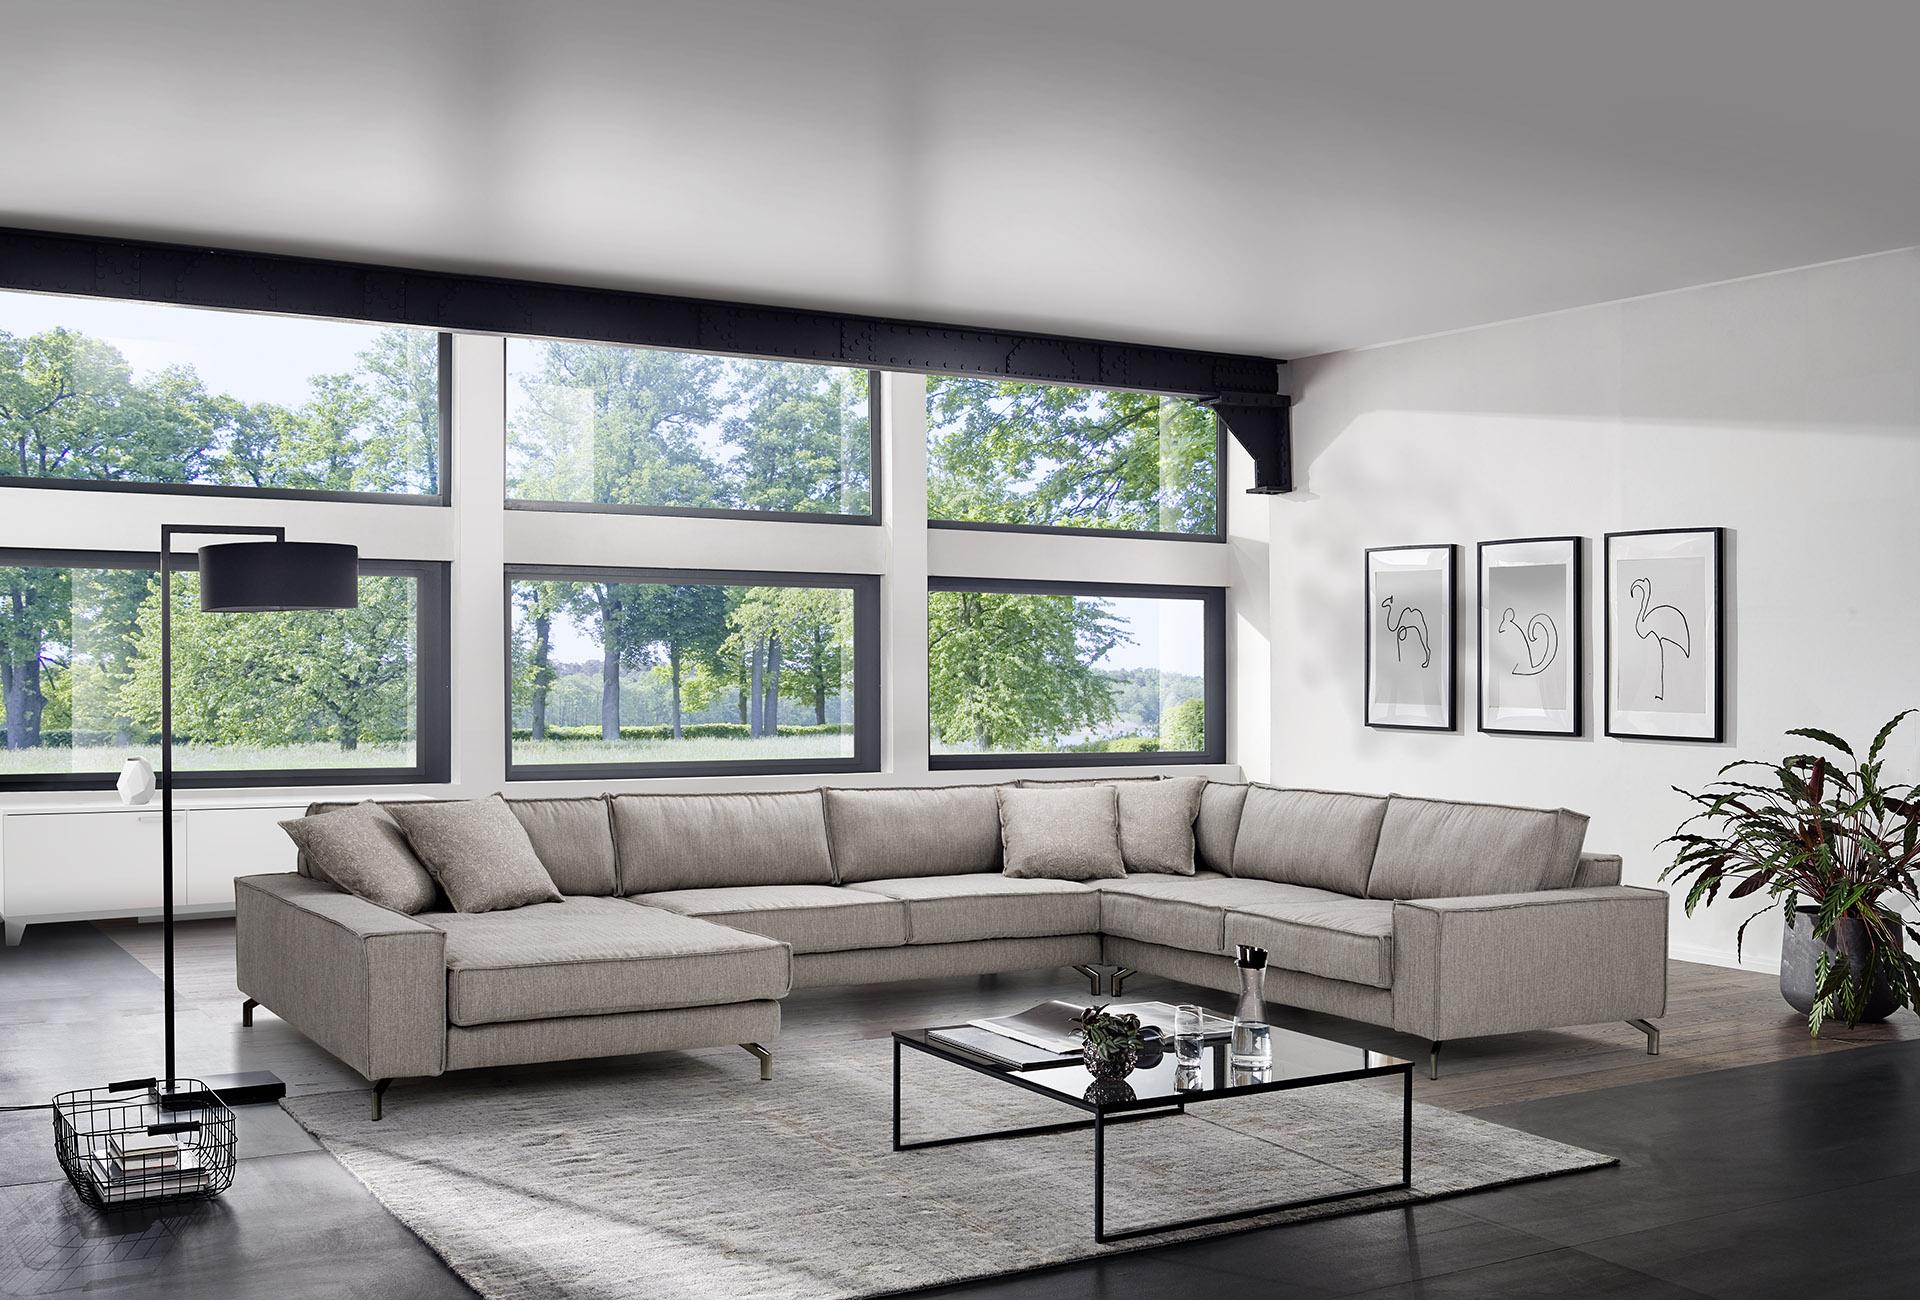 wohnen in lebensphasen die sterreichische. Black Bedroom Furniture Sets. Home Design Ideas